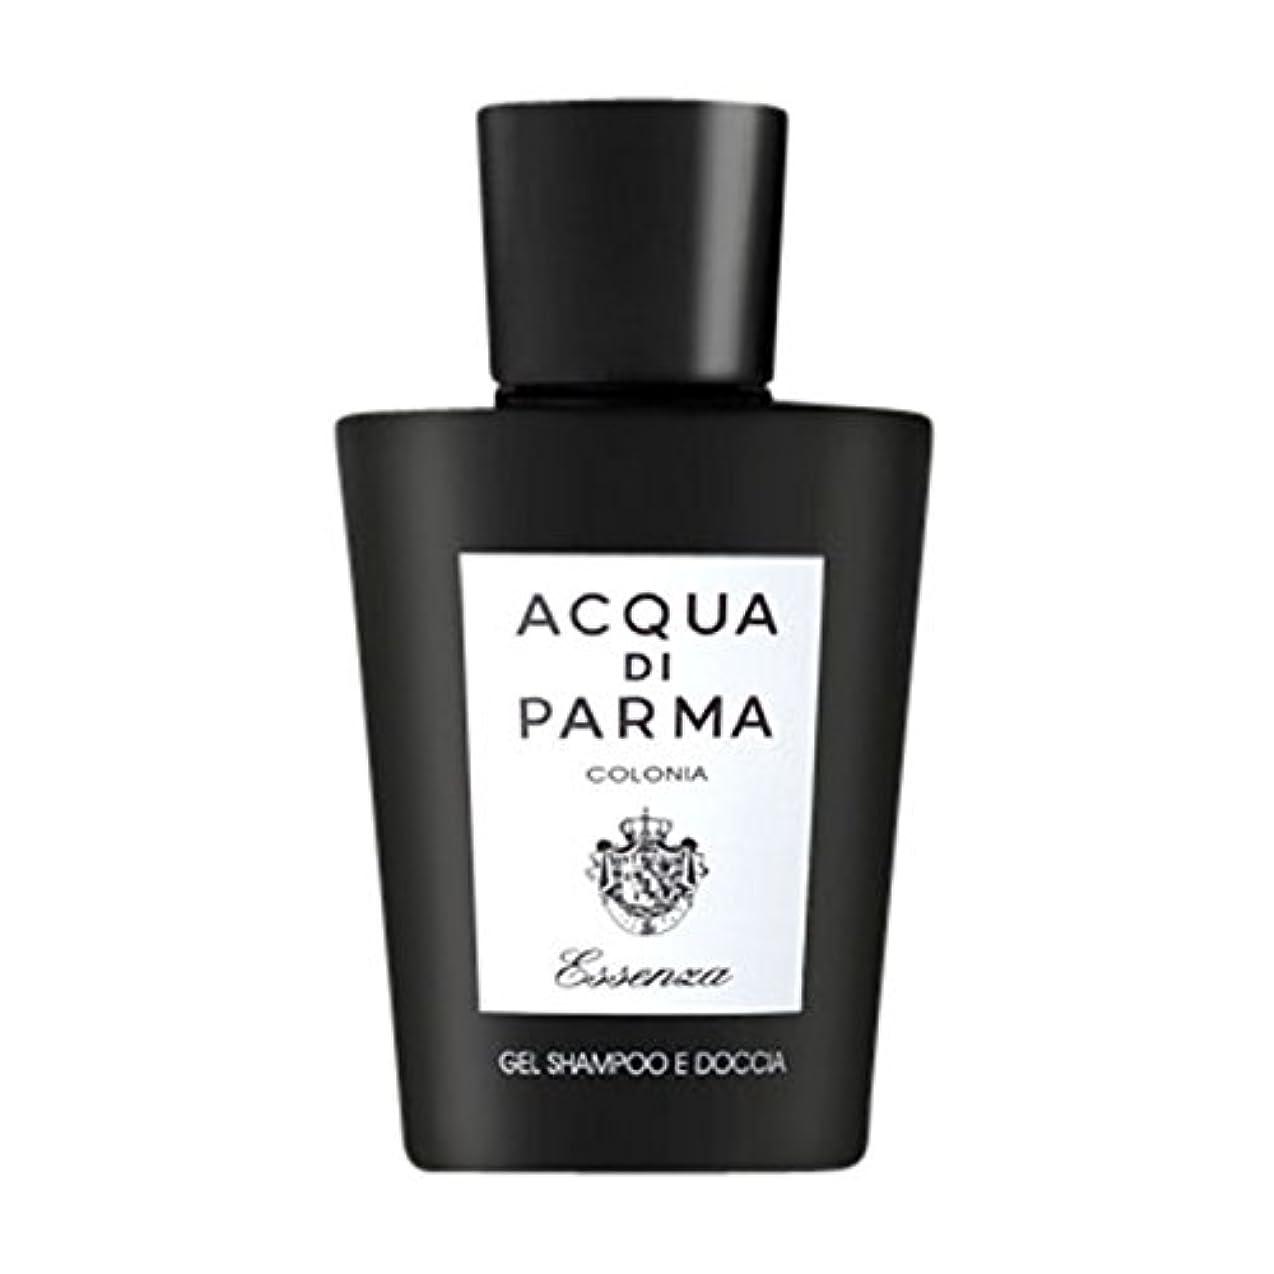 不一致レッスン仮装アクアディパルマコロニアEssenza髪とシャワージェル200ミリリットル (Acqua di Parma) (x2) - Acqua di Parma Colonia Essenza Hair and Shower Gel...